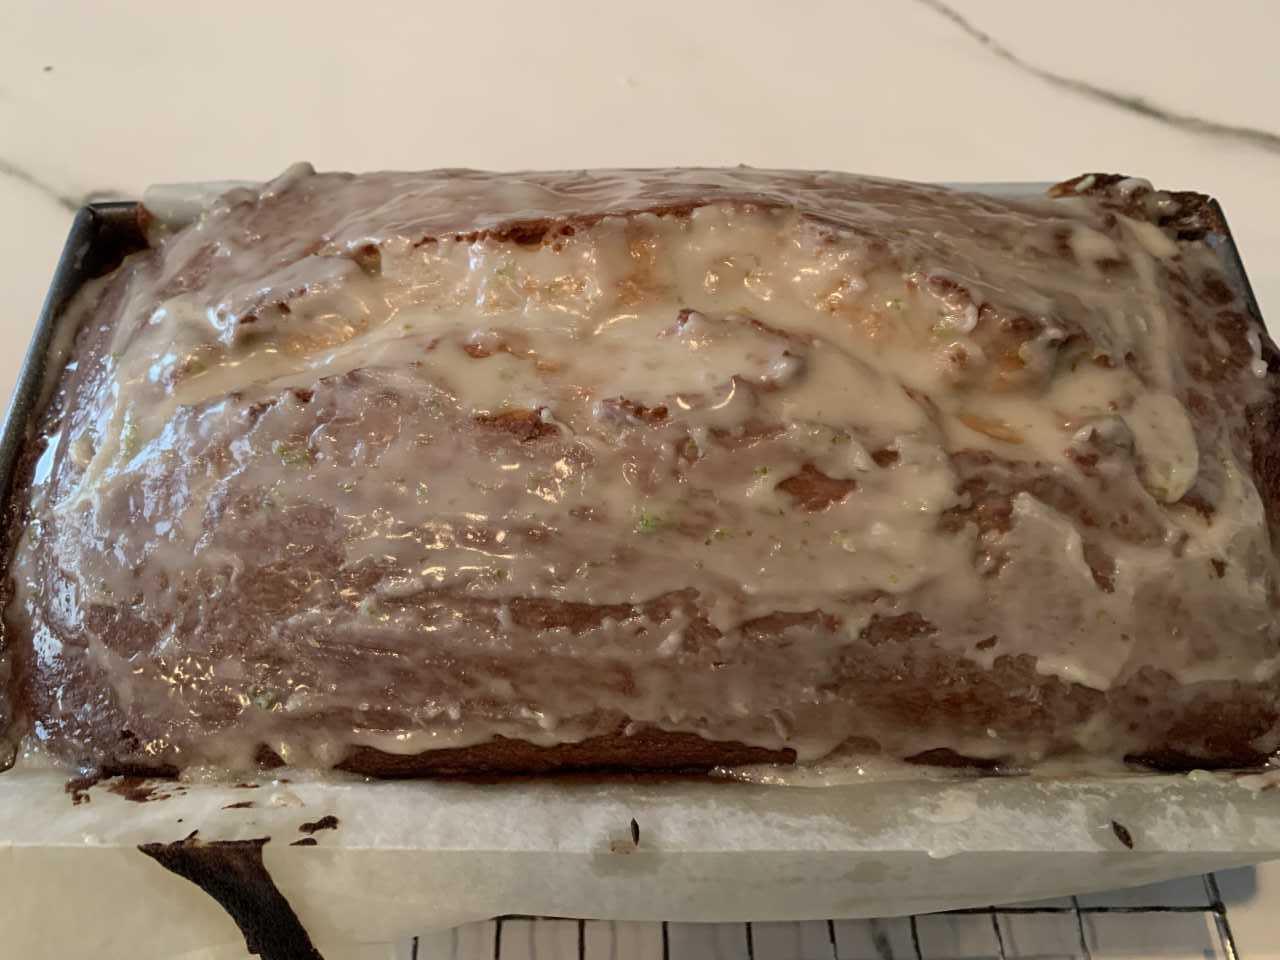 r-c-poundcake-glazed.jpg